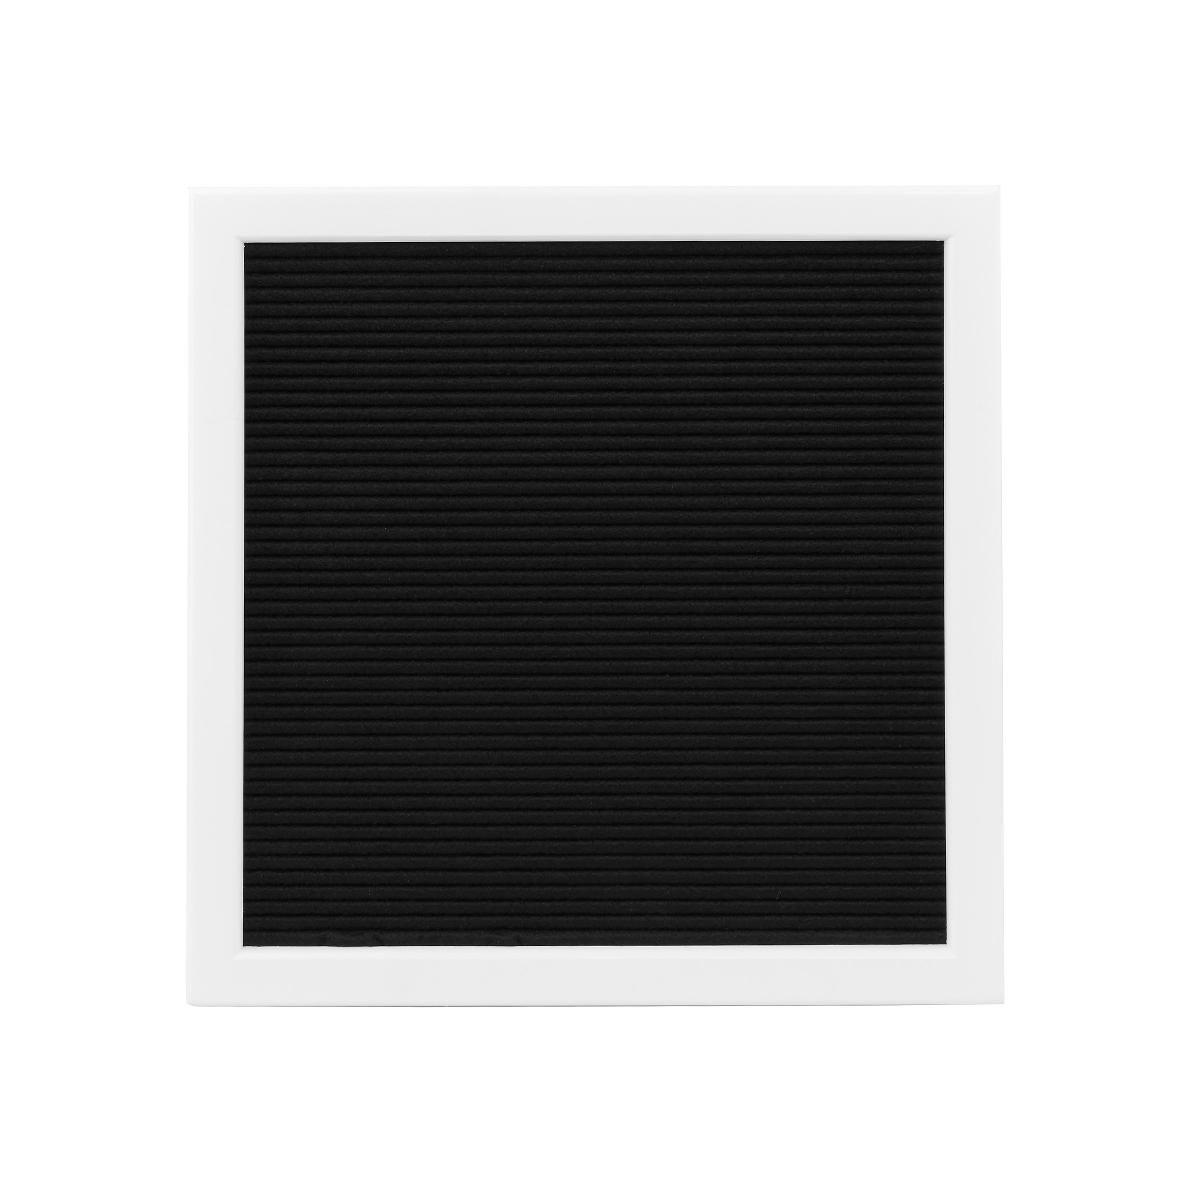 Bild 2 von Stecktafel 30 x 30 cm